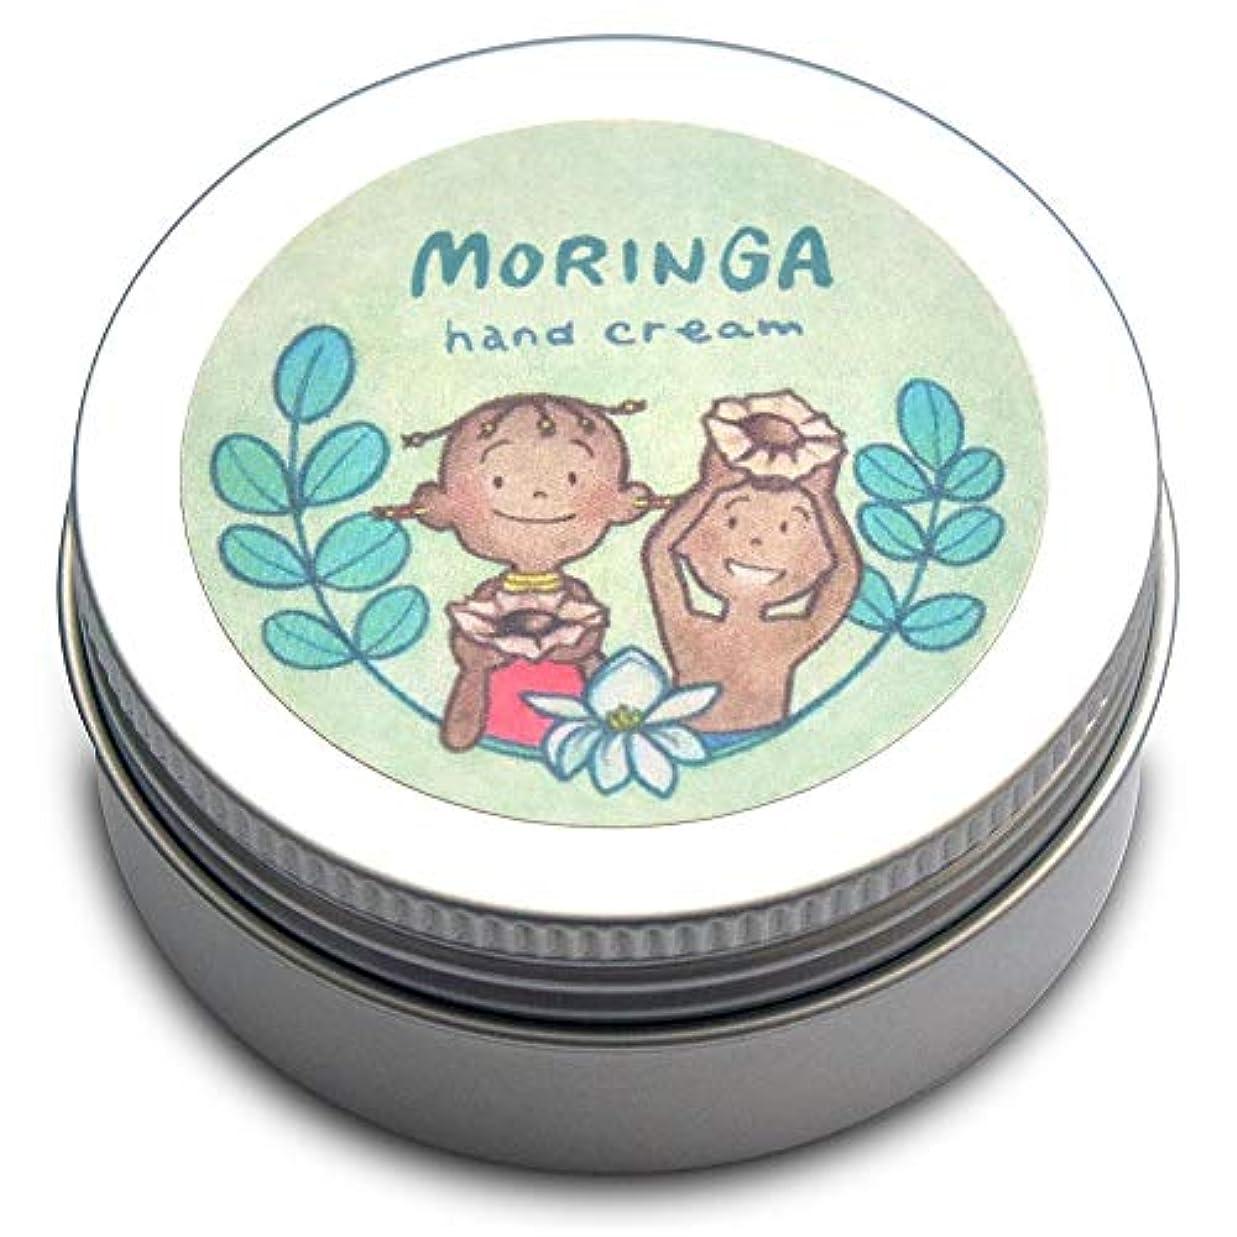 悲しい下向き段落MORINGA モリンガハンドクリーム 30g